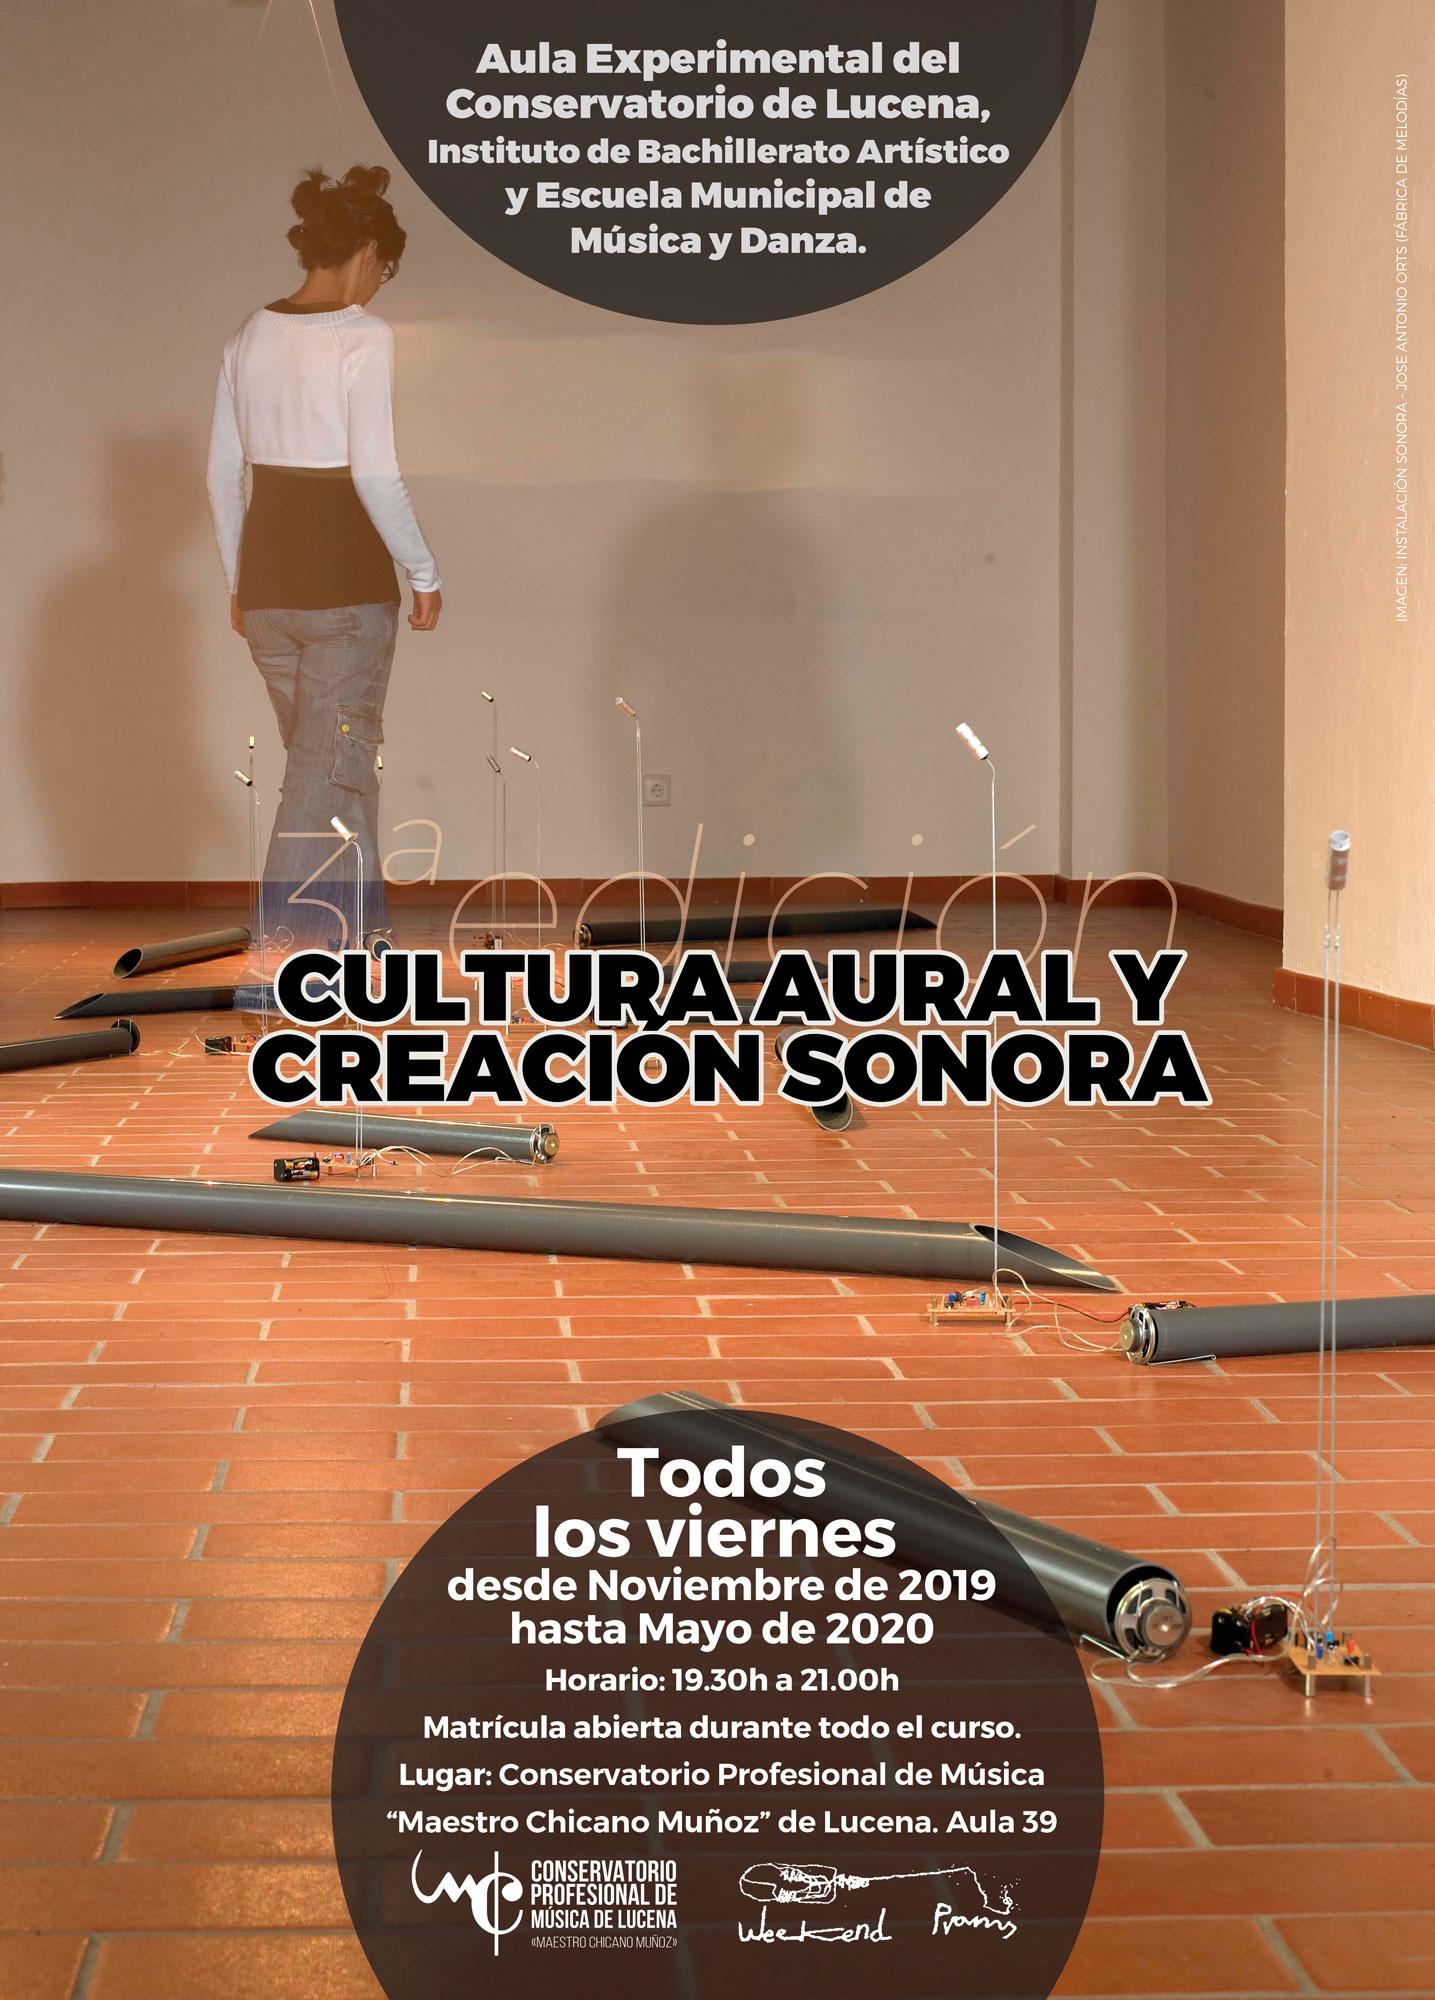 III Taller de Cultura Aural y Creación Sonora